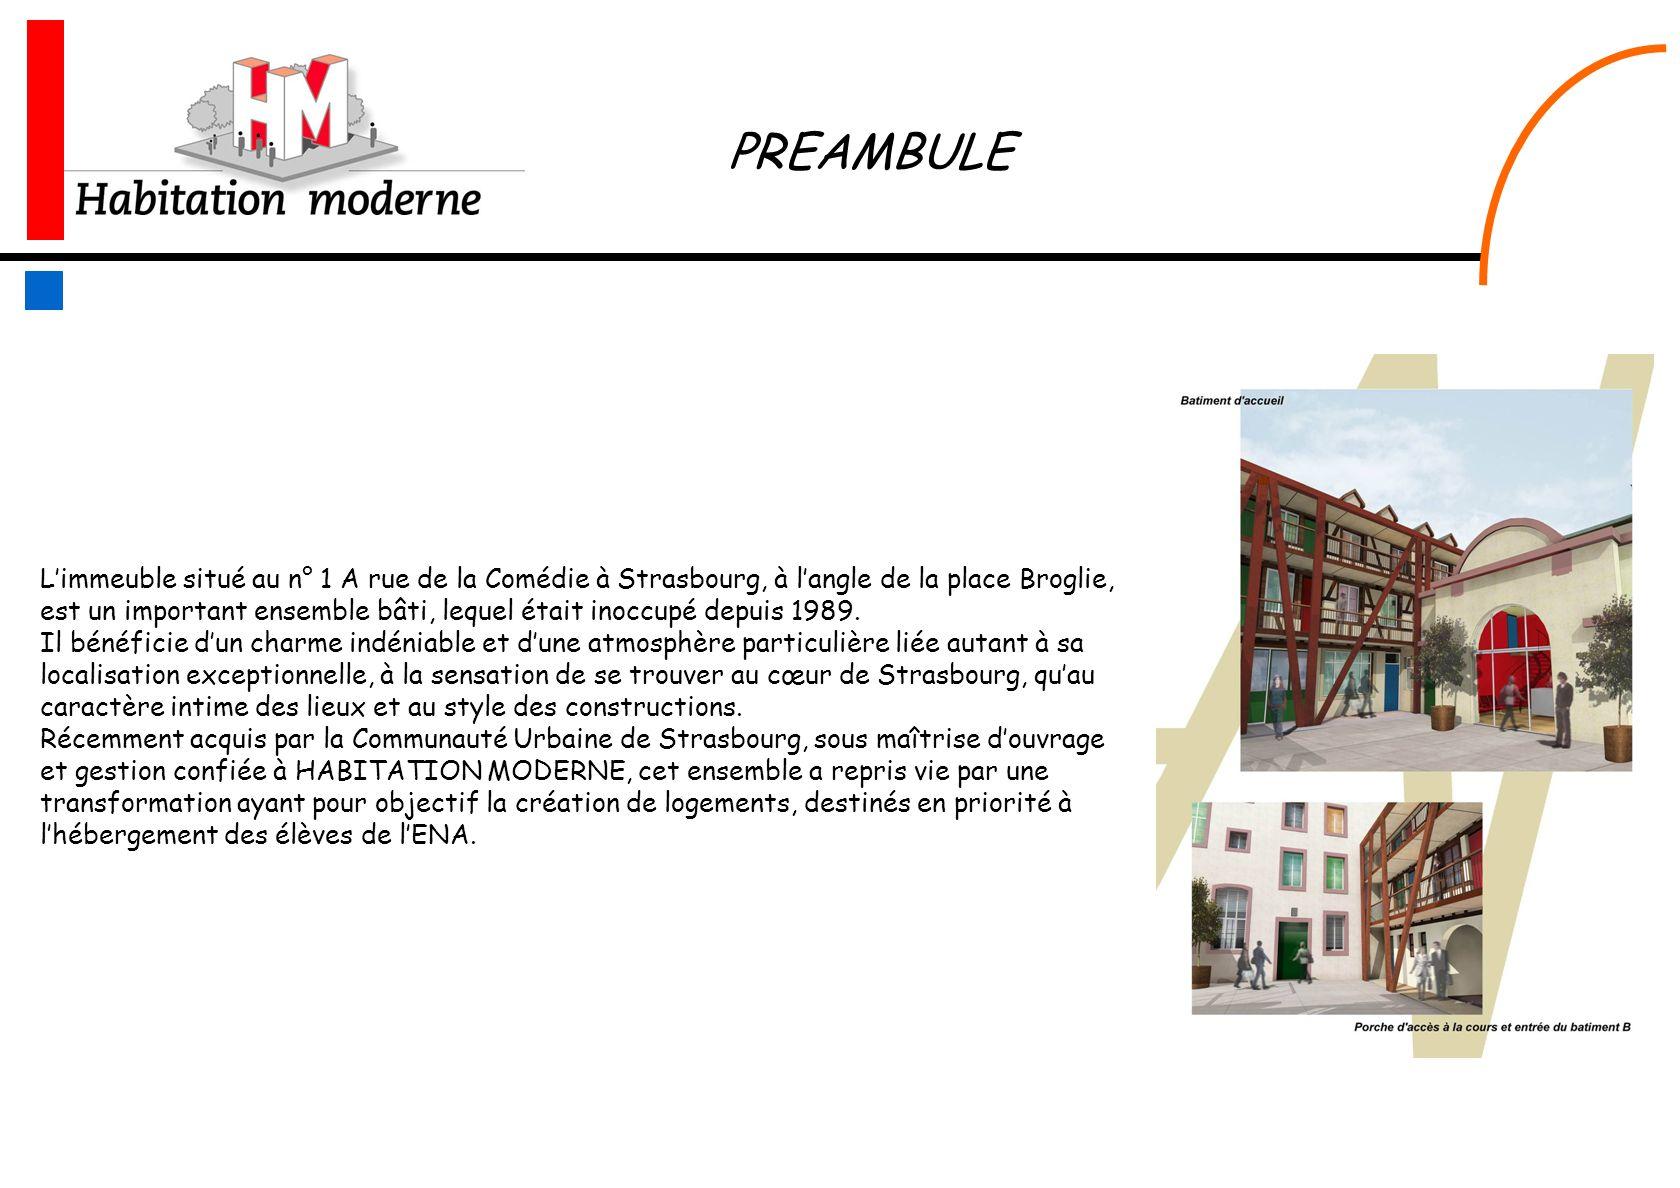 Limmeuble situé au n° 1 A rue de la Comédie à Strasbourg, à langle de la place Broglie, est un important ensemble bâti, lequel était inoccupé depuis 1